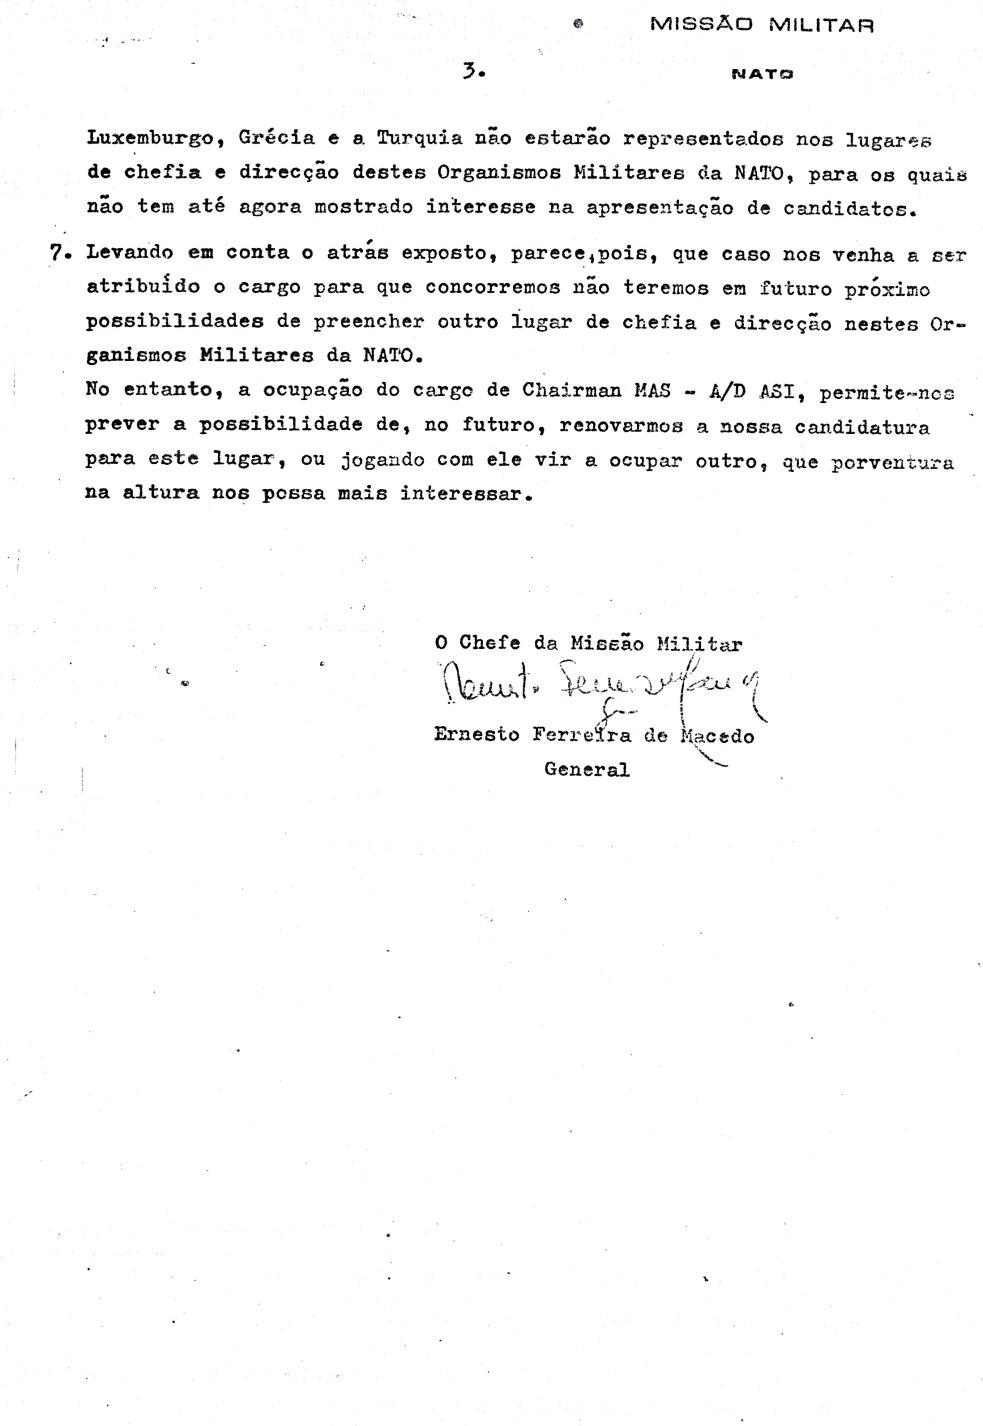 00865 977-09-15 CARGO na NATO - considerações de MILREP PO quanto à candidatura do Alm Nunes da Silva-pg 3